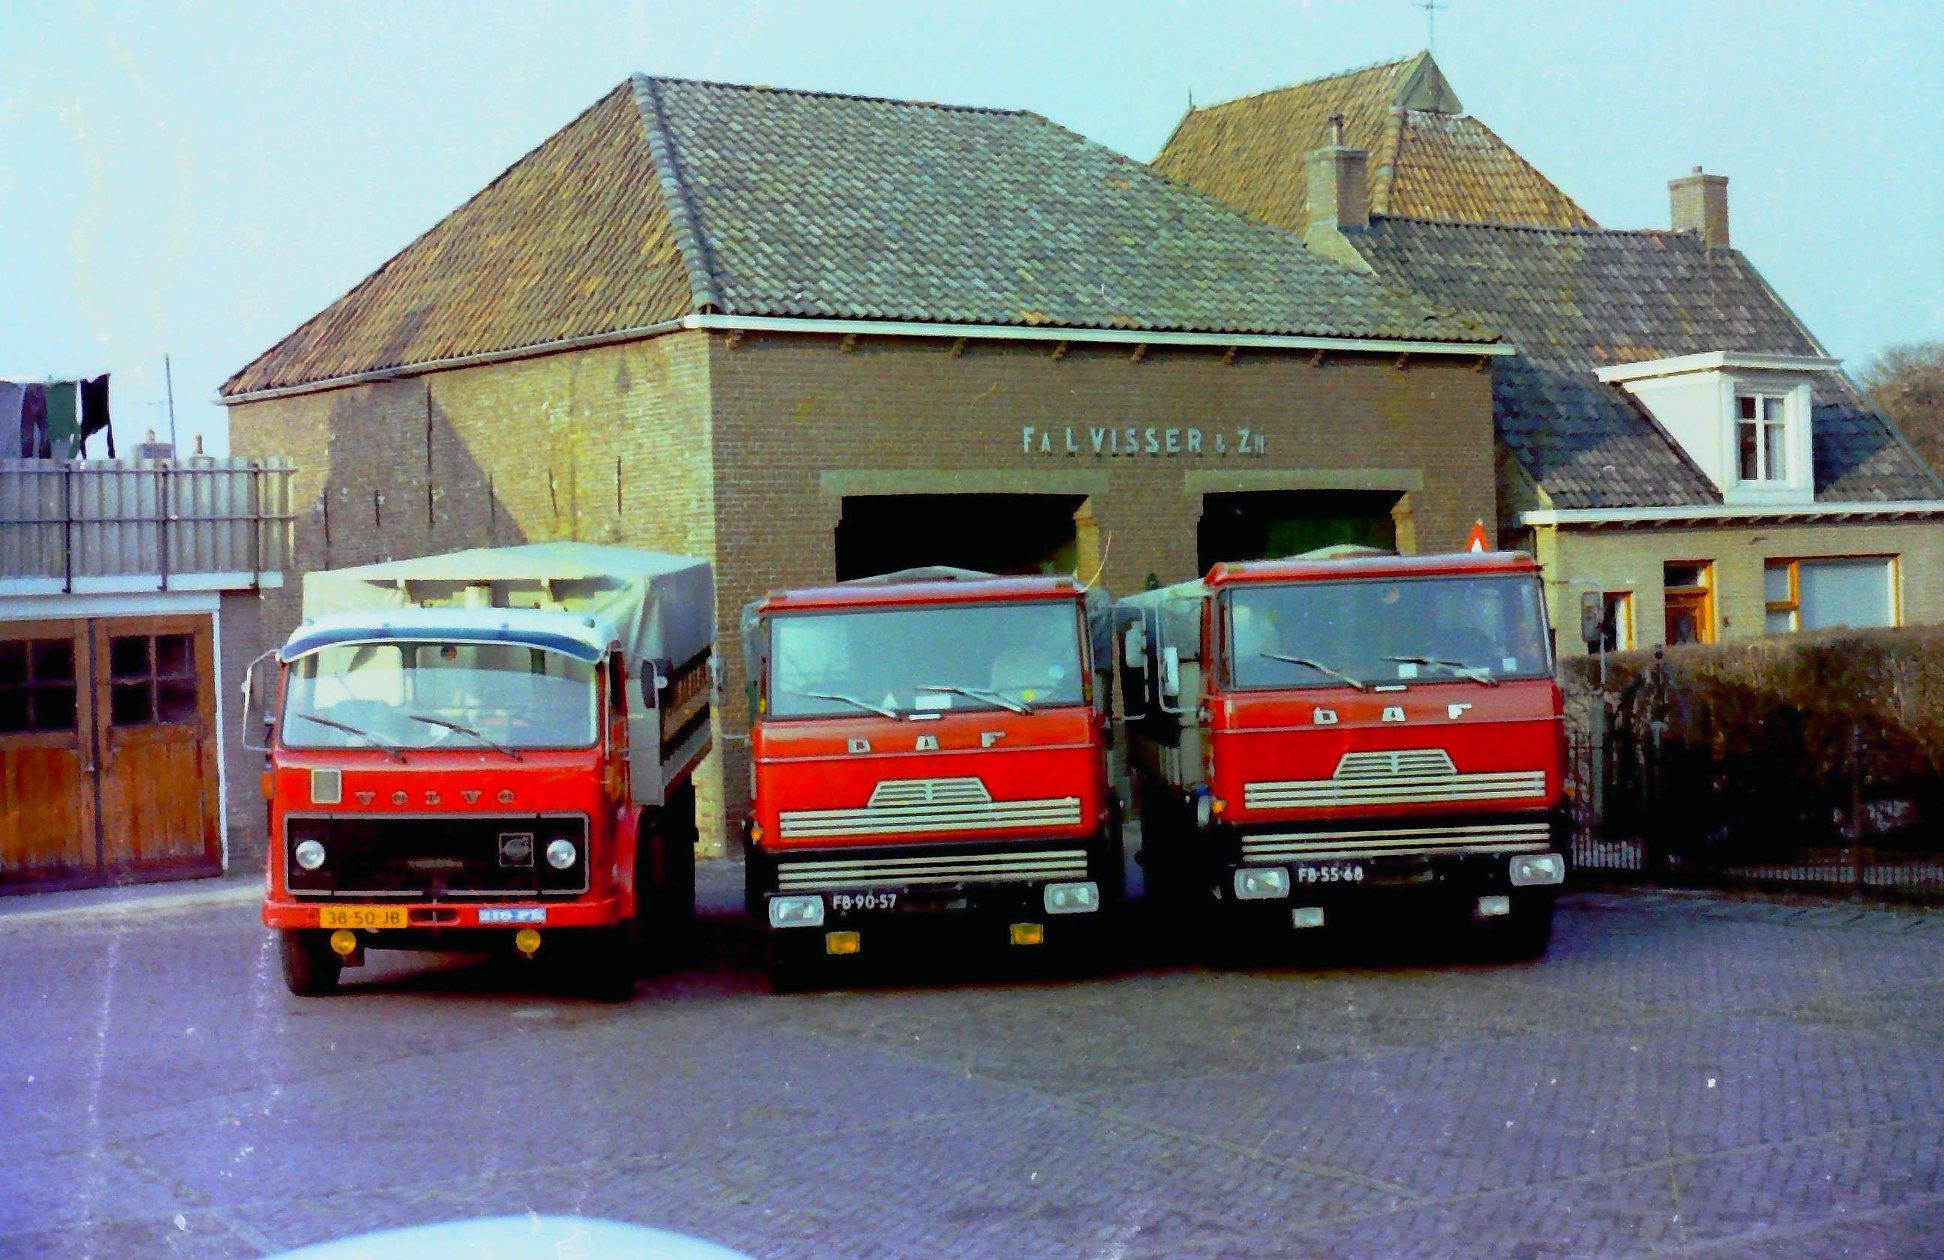 L-Visser-Oldenboorn-carr-Rondaan-foto-van-Lolle-Rondaan-2